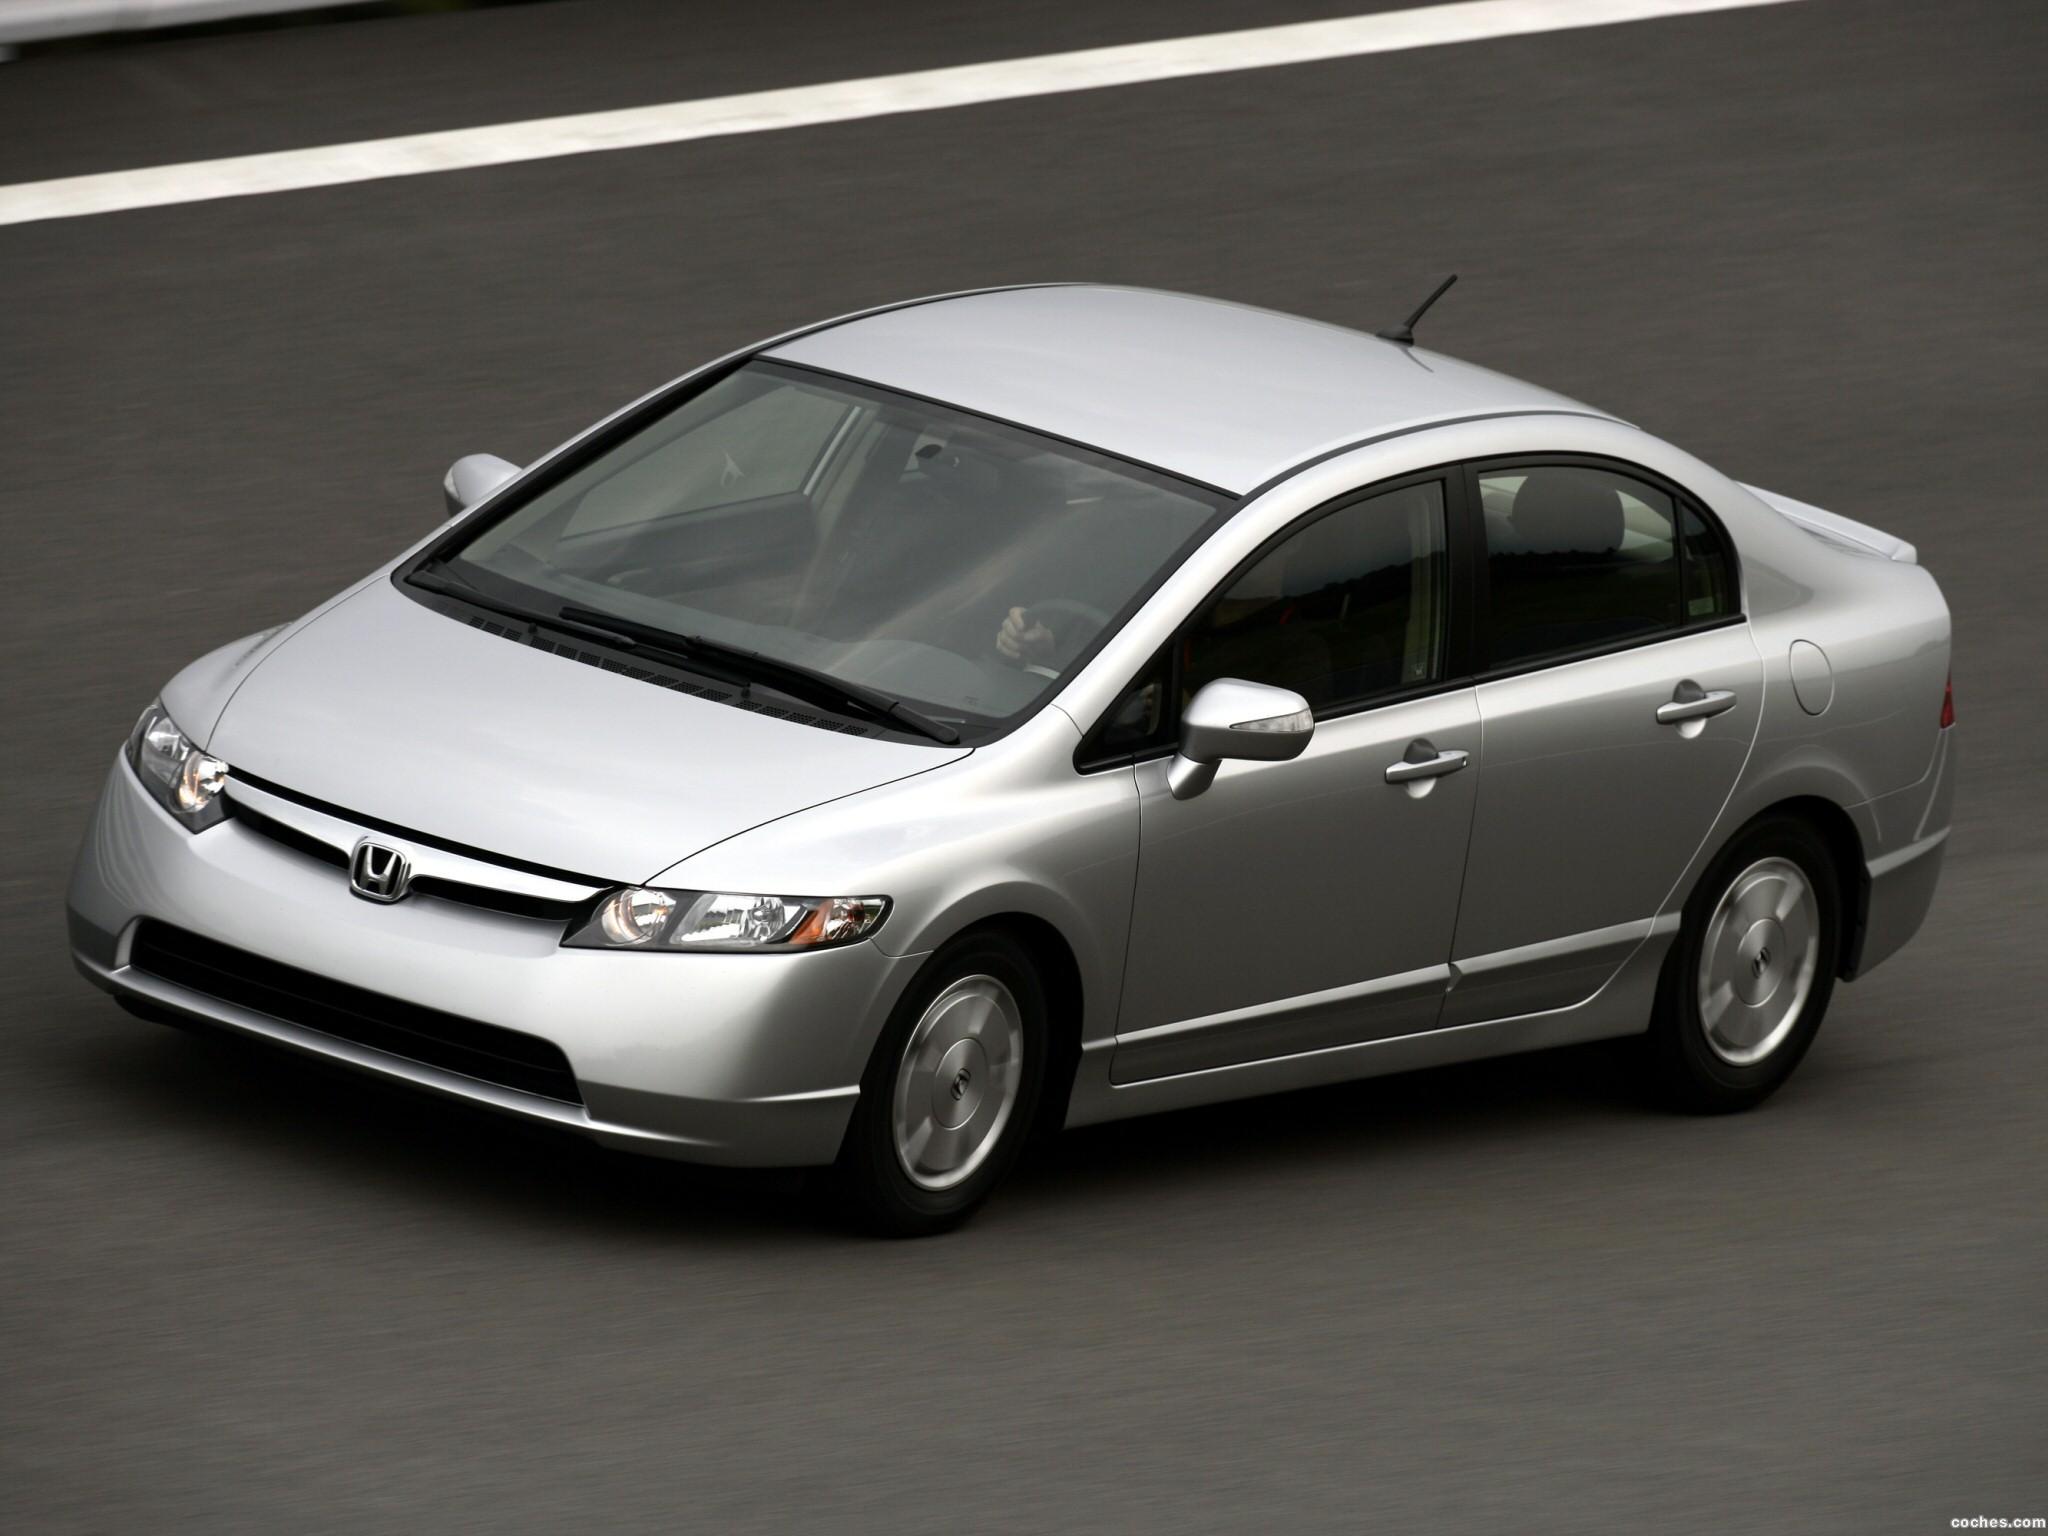 Foto 1 de Honda Civic Hybrid USA 2006